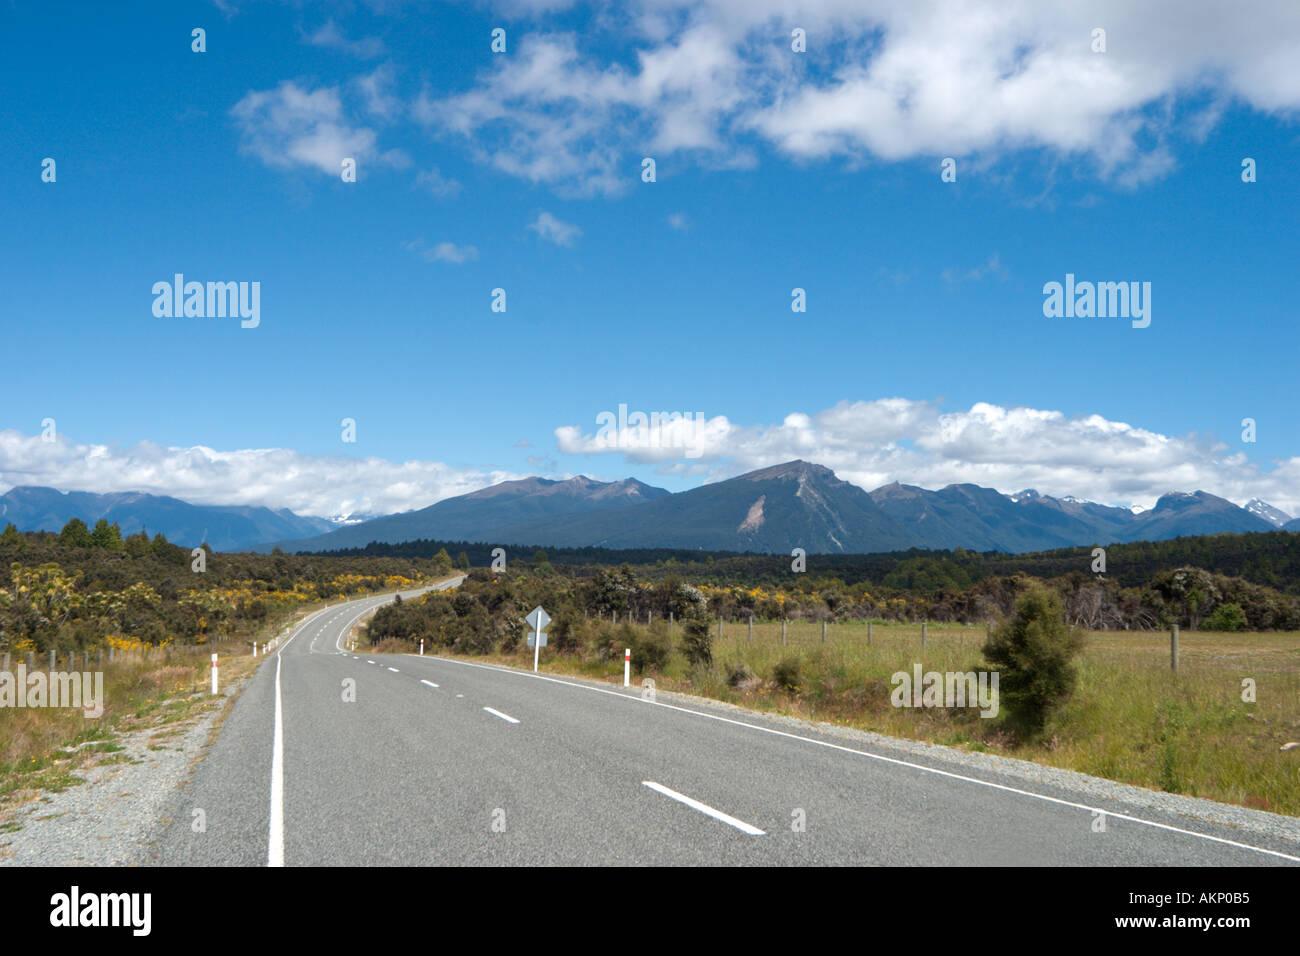 Abrir camino entre Milford Sound y Te Anau, Isla del Sur, Nueva Zelanda Foto de stock